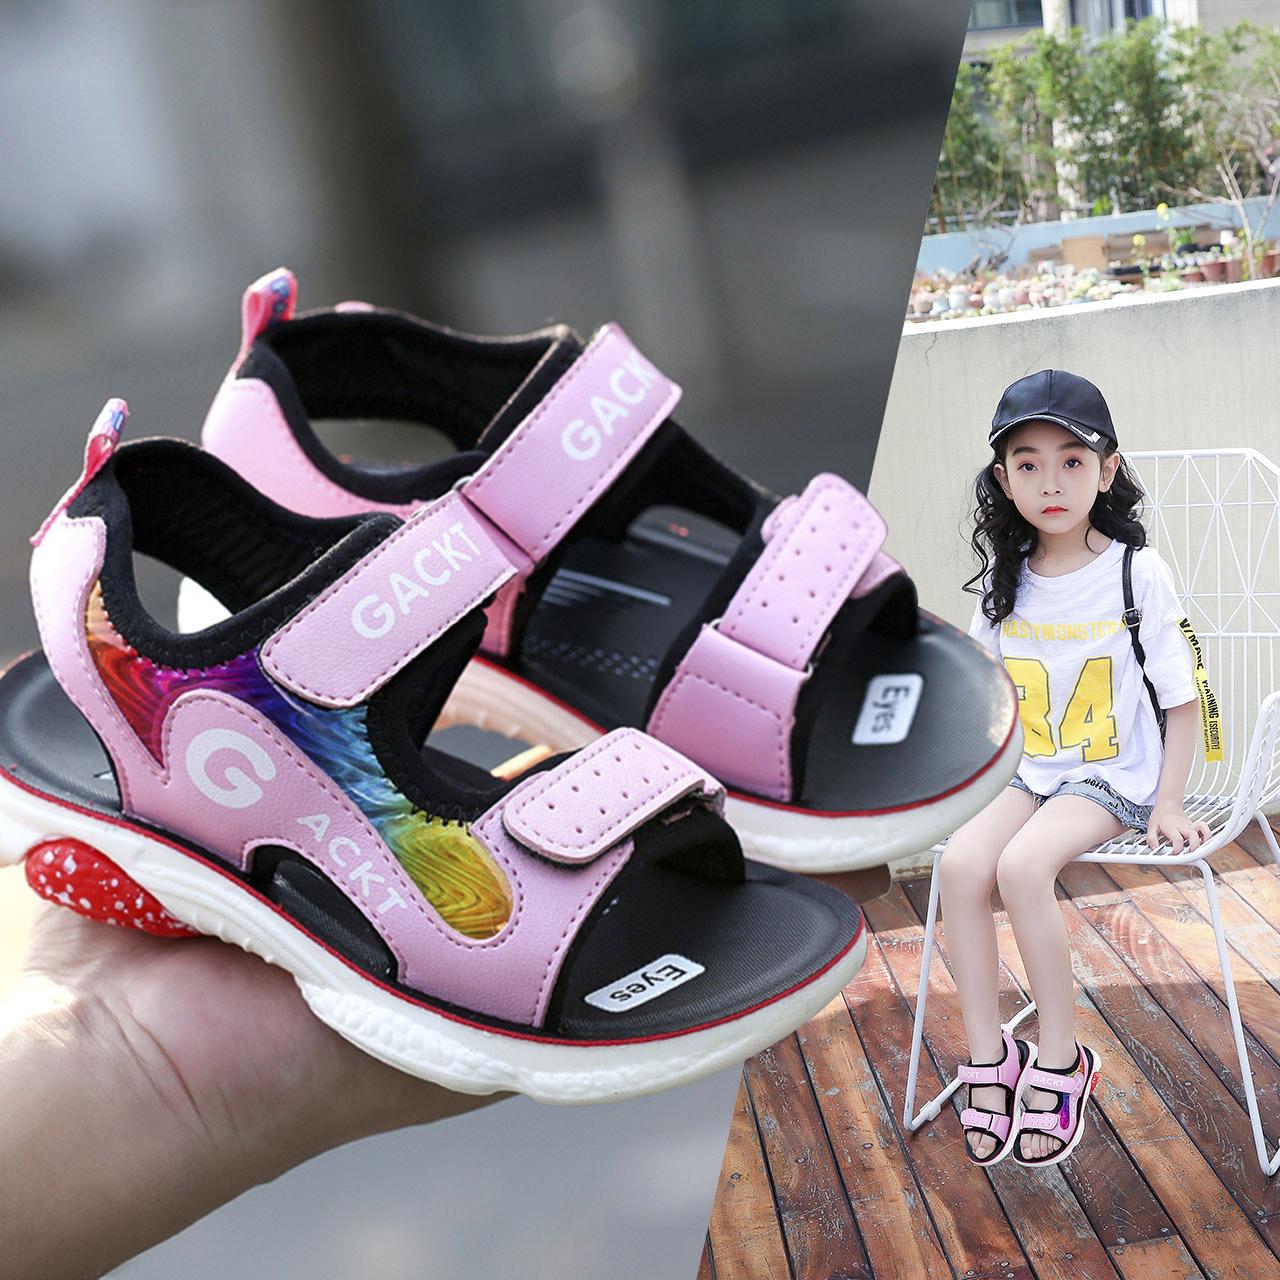 鞋子凉鞋夏季2019新款宝宝时尚女童中大童韩版男童凉鞋小孩凉儿童